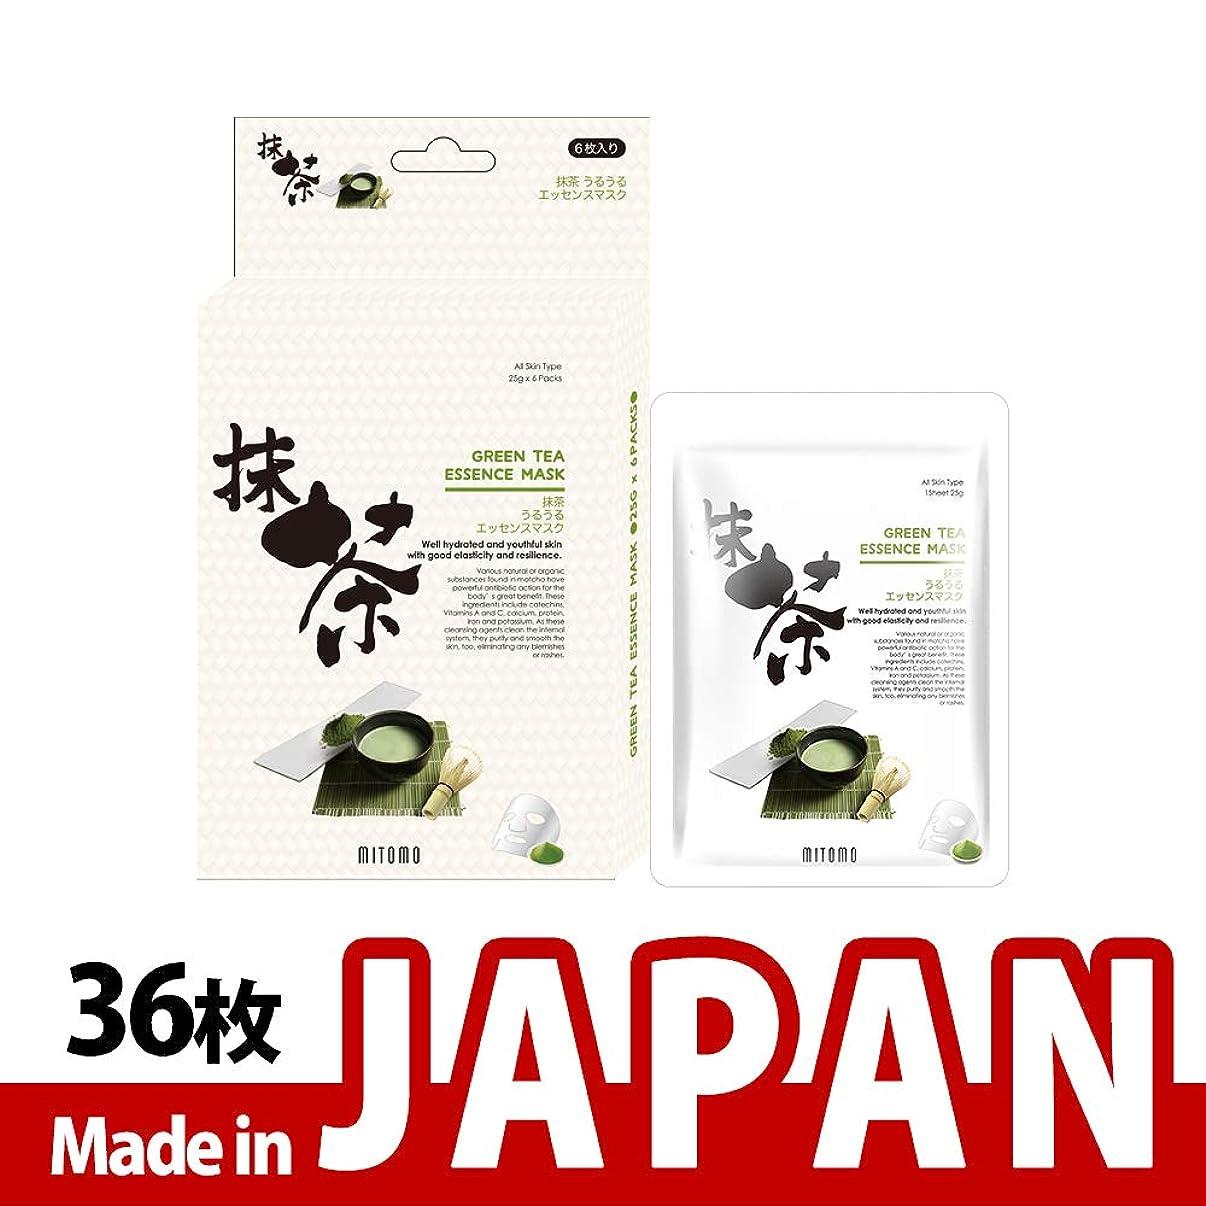 肘掛け椅子背骨以内にMITOMO【JP512-C-0】日本製シートマスク/6枚入り/36枚/美容液/マスクパック/送料無料